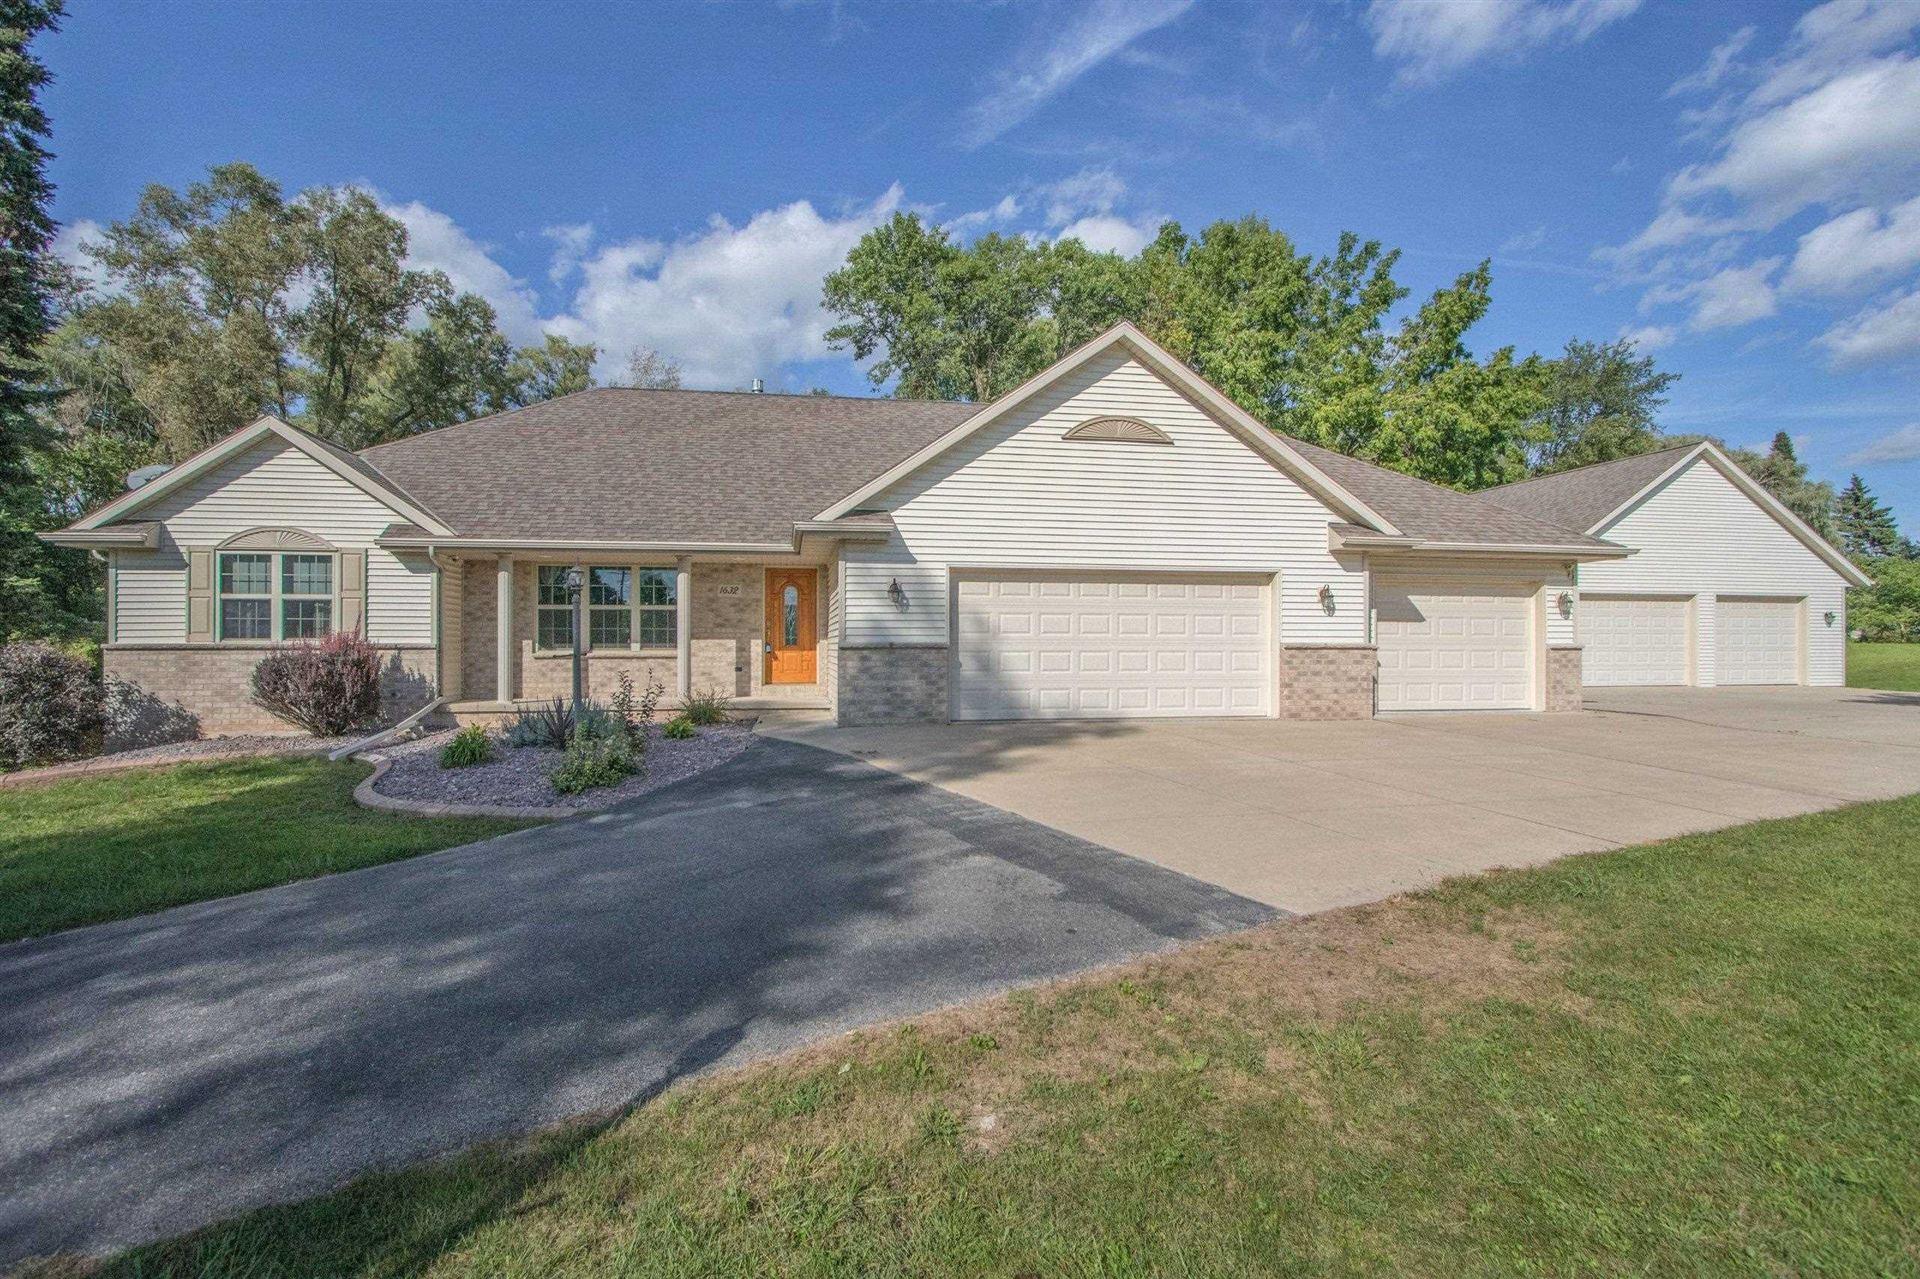 1632 BELMONT Road, Green Bay, WI 54313 - MLS#: 50246346